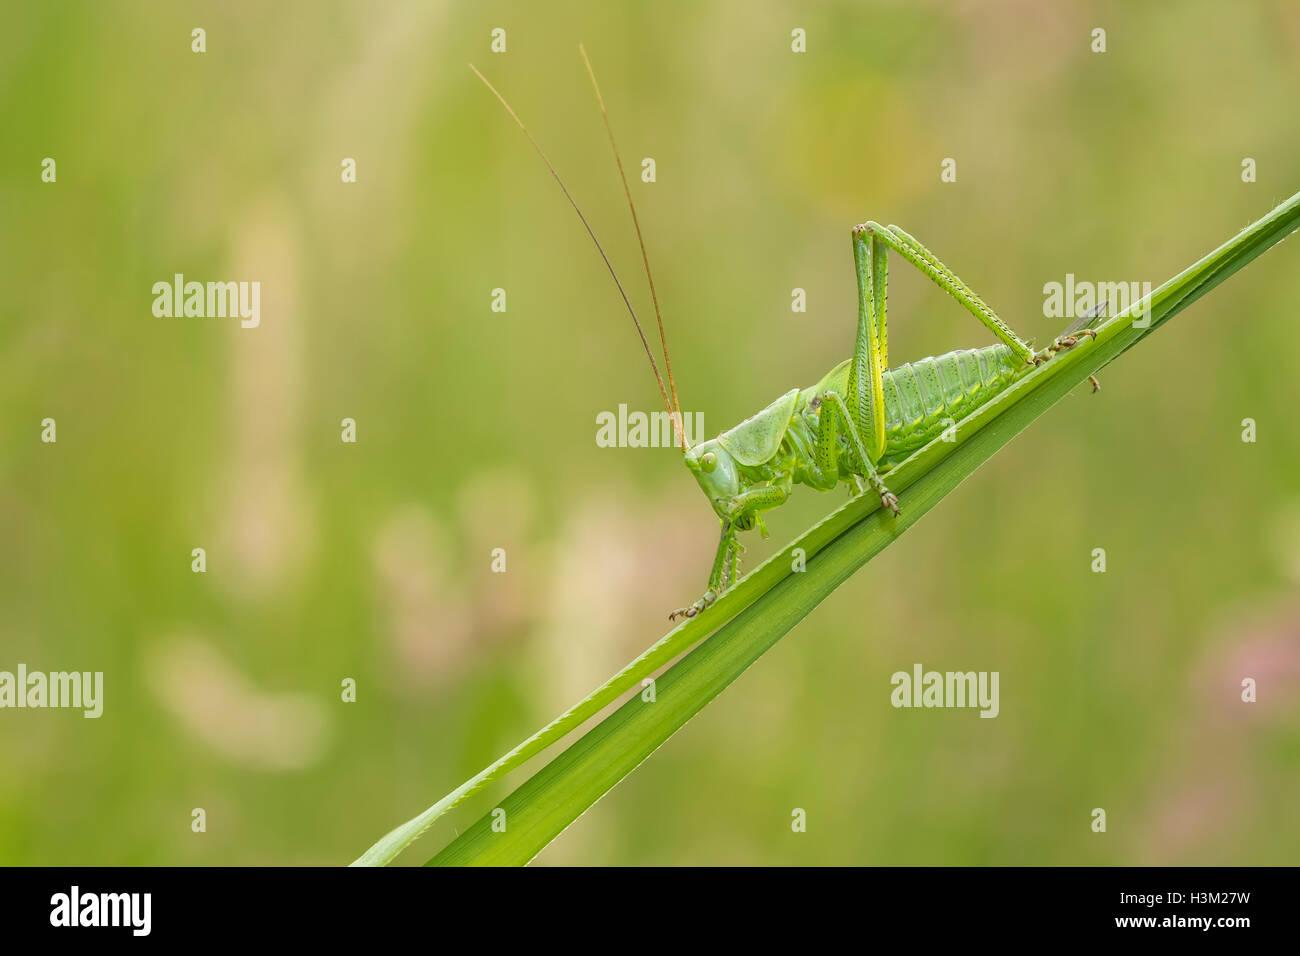 Makro Nahaufnahme eine große grüne Bush-Cricket, Tettigonia Viridissima, auf einer Wiese Stockbild